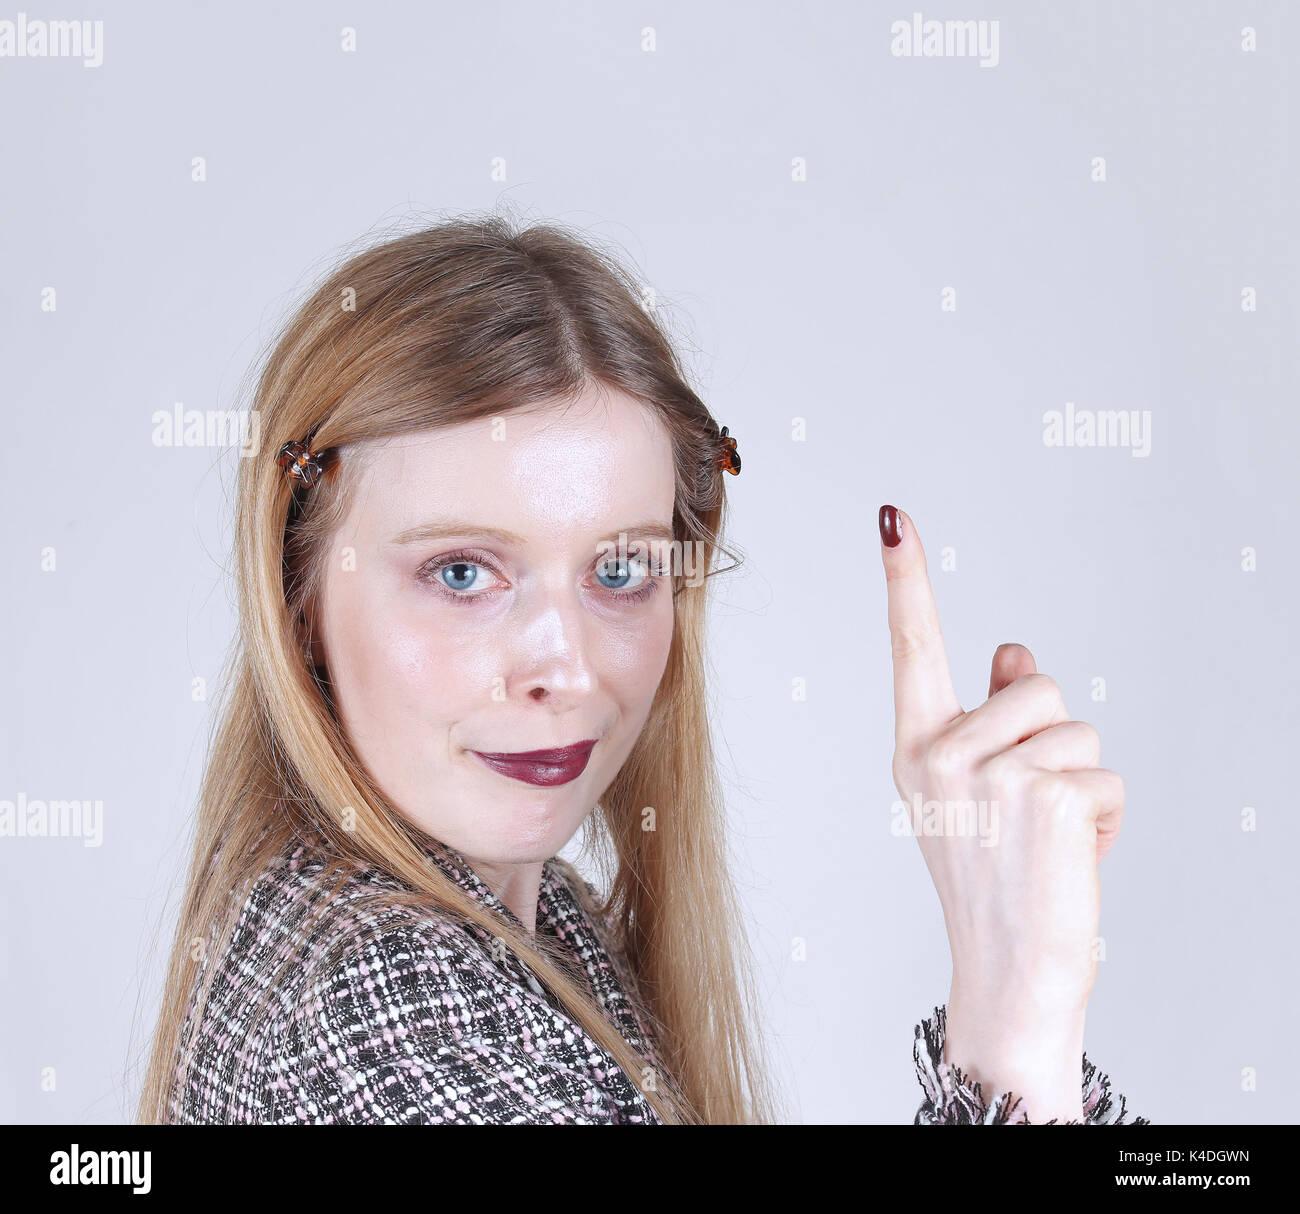 Mujer joven levantando el dedo índice haciendo un punto Imagen De Stock